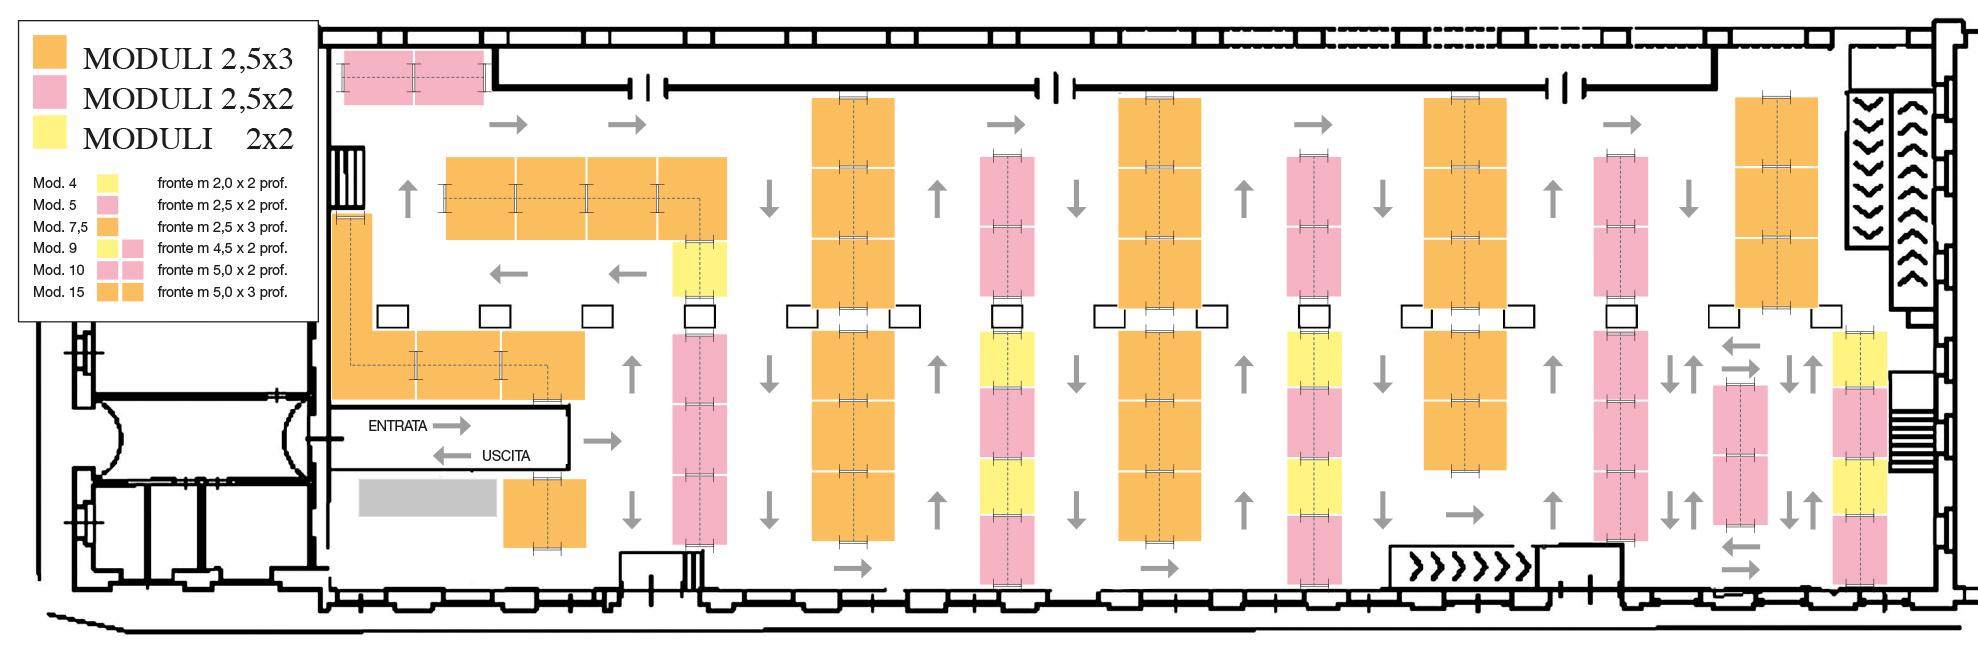 GDSPevento-PISA-planimetria